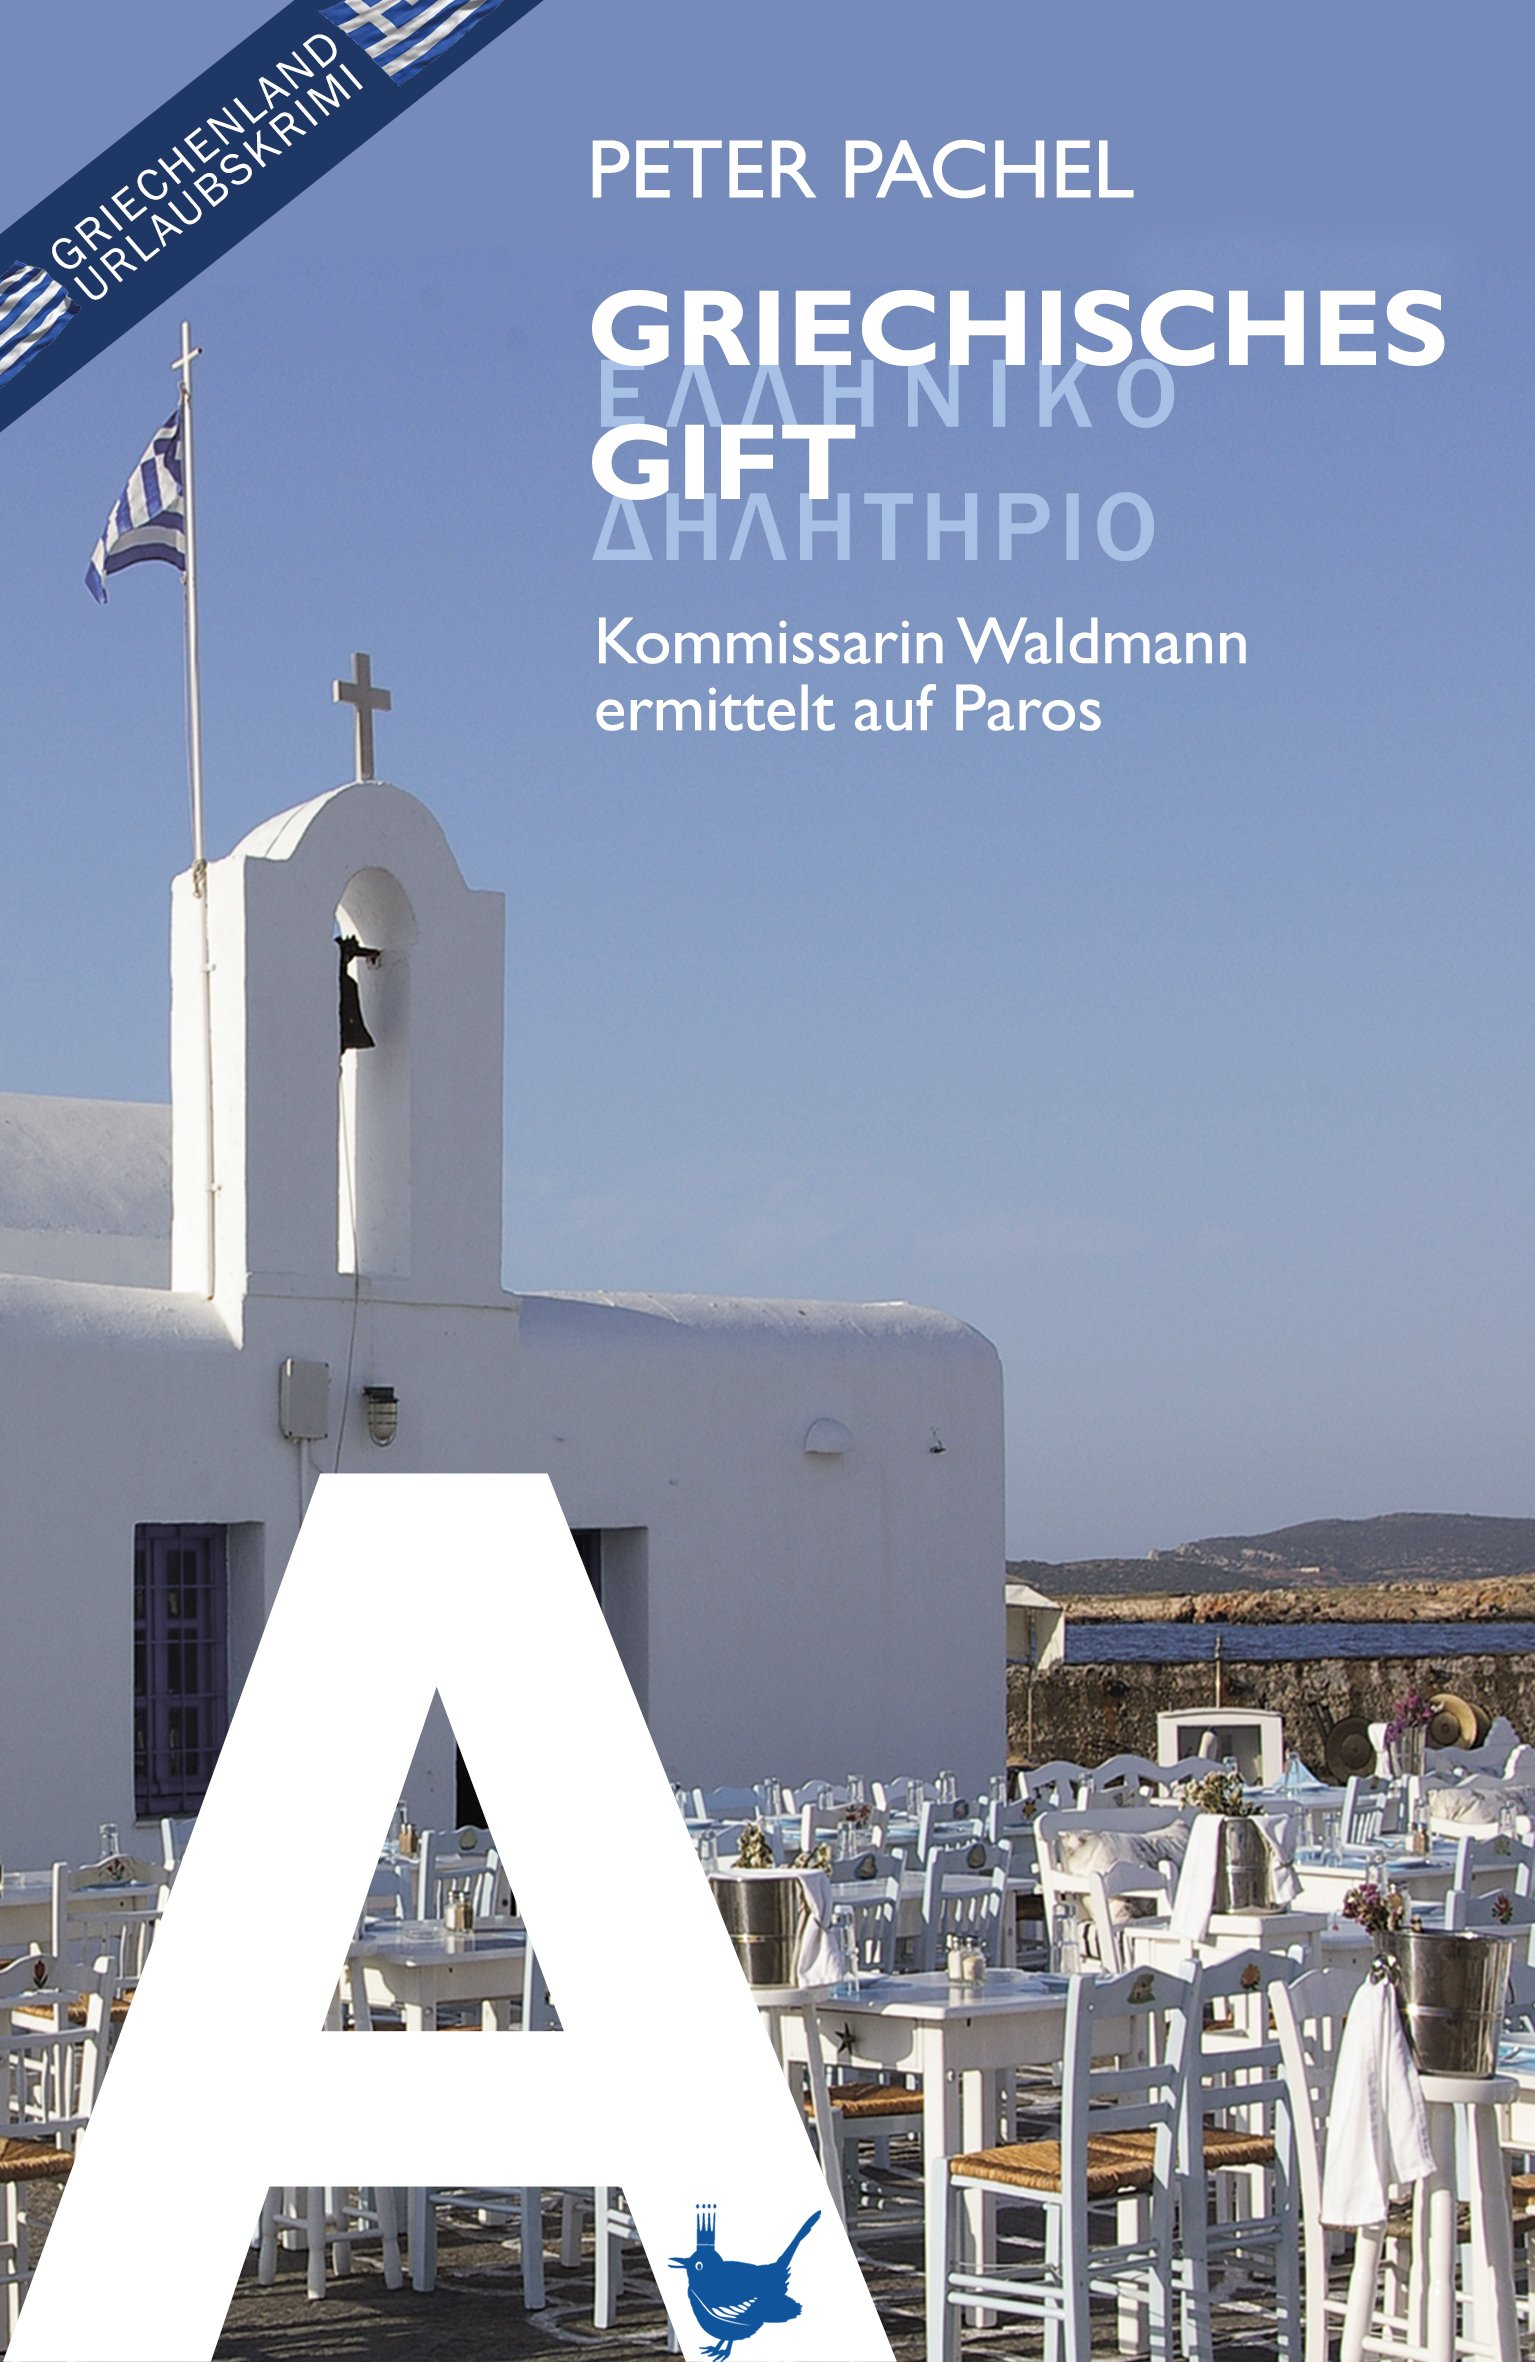 Griechisches Gift: Kommissarin Waldmann ermittelt auf Paros